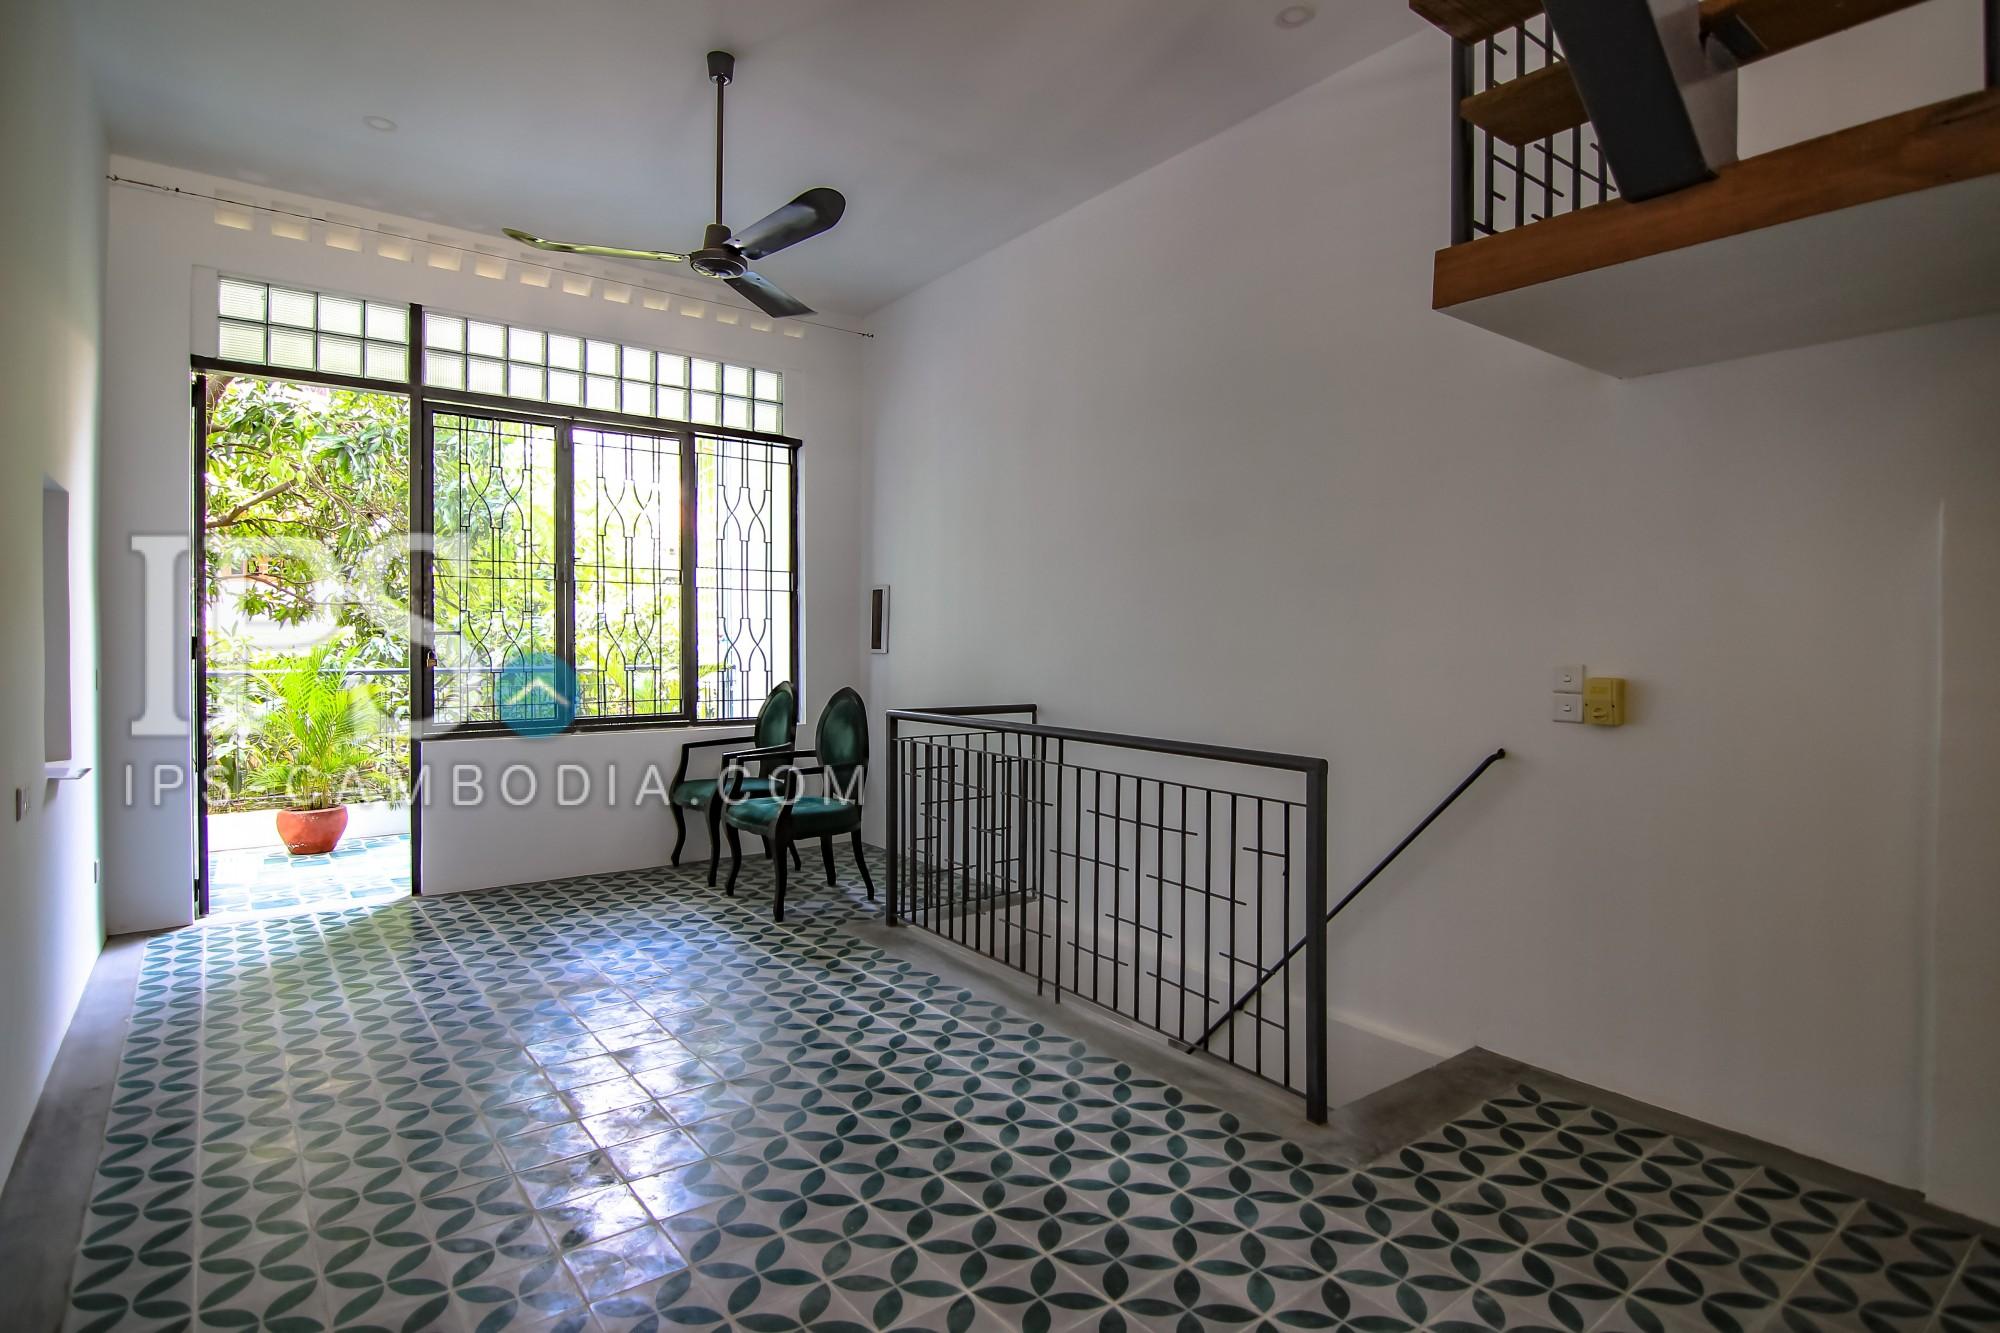 2 Bedroom Duplex Flat for Rent -  Sothearos Blvd.